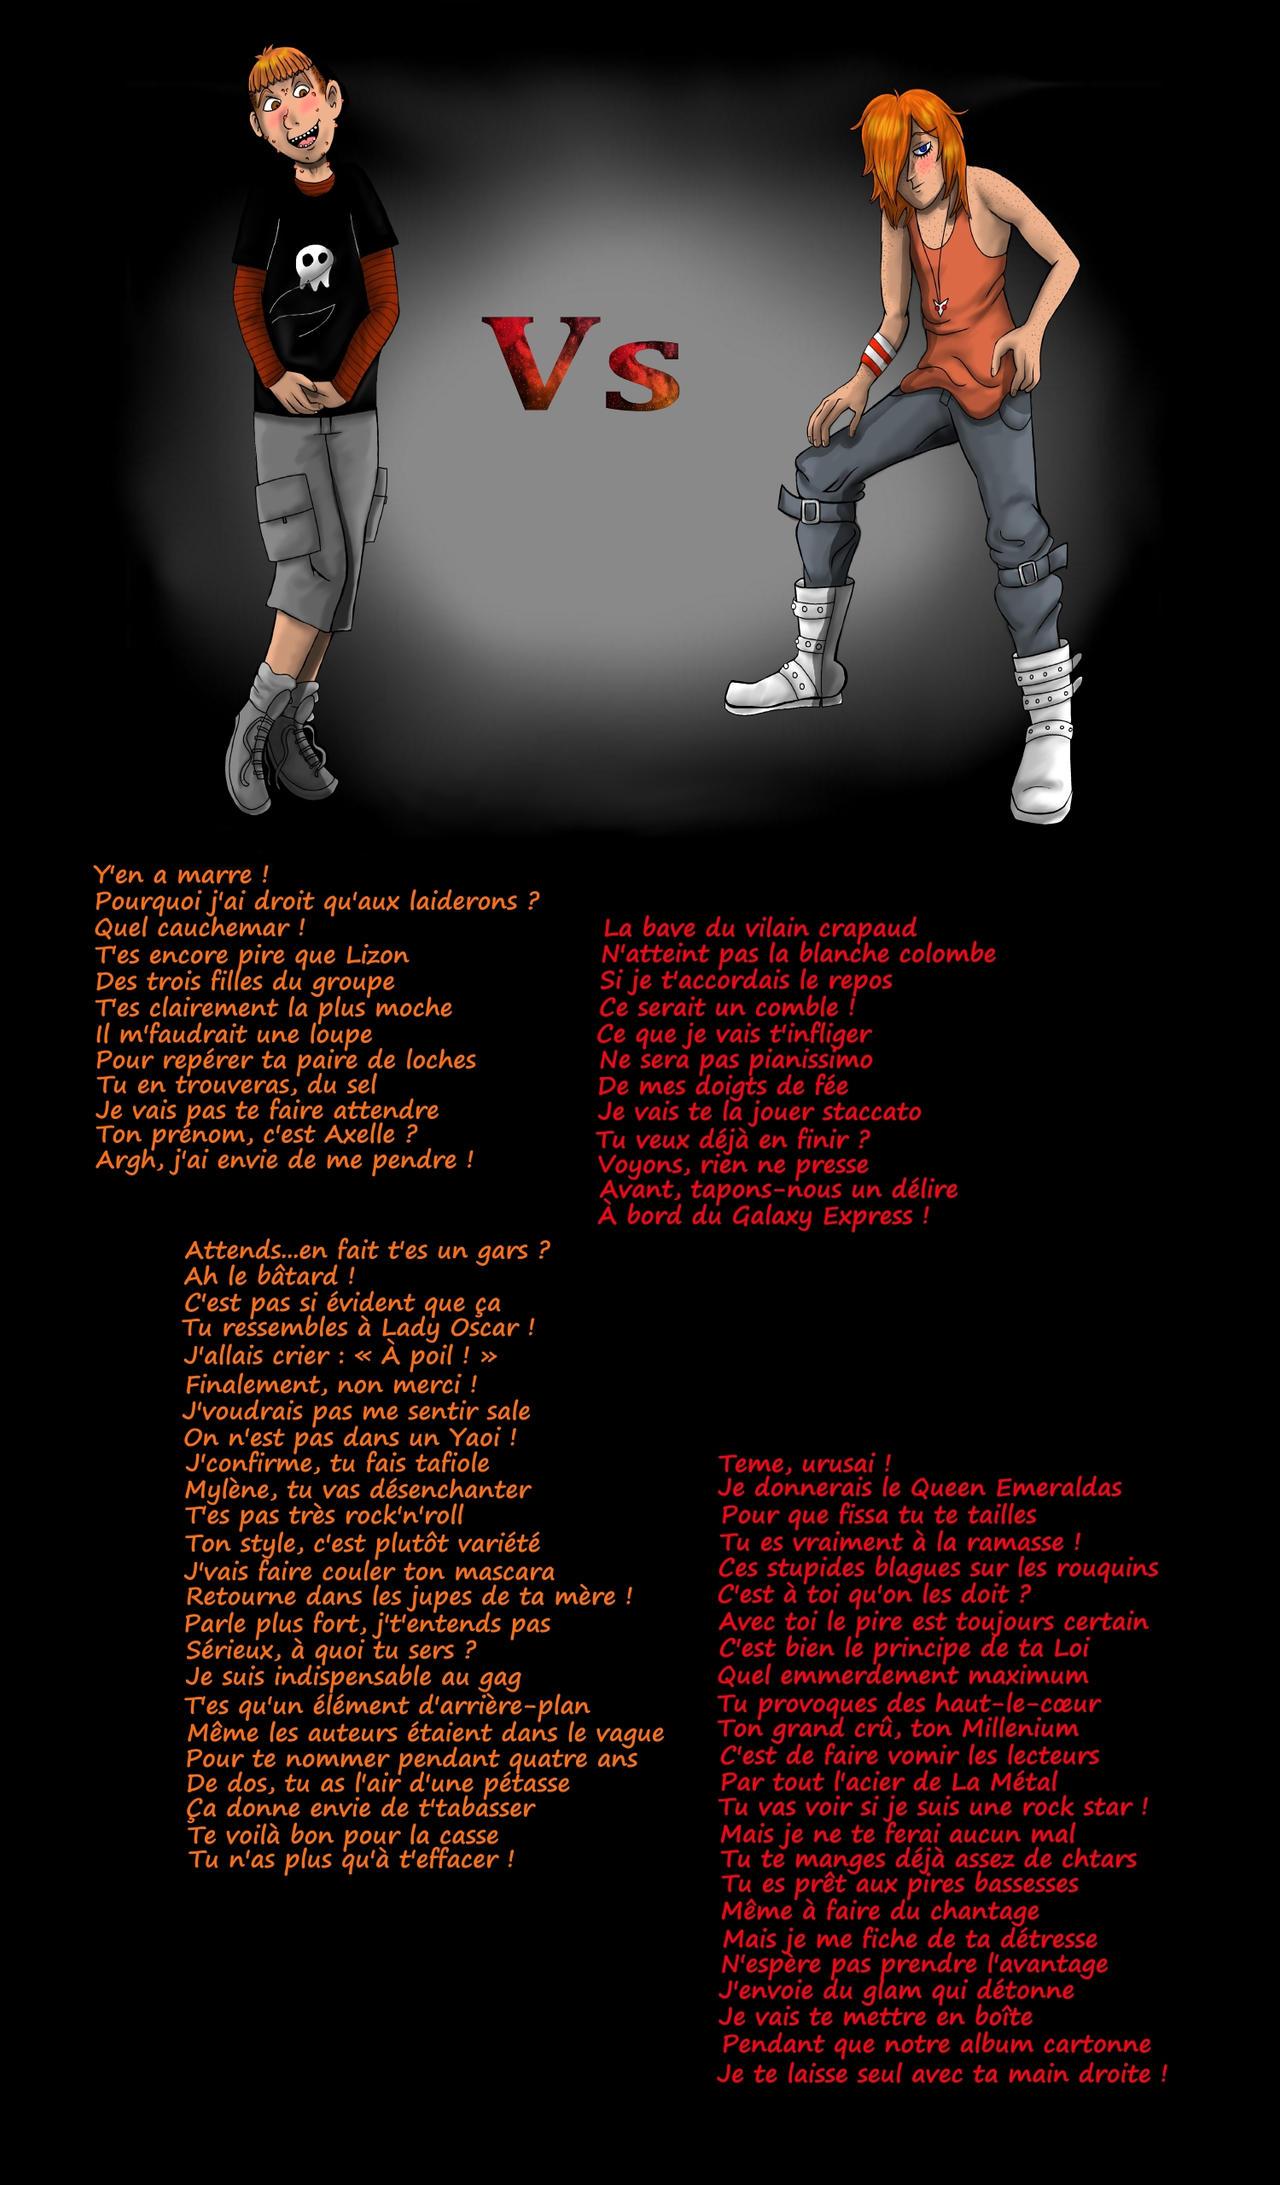 nombrils_rap_battle___murphy_vs_red_by_campanita42_ddsqu3k-fullview.jpg?token=eyJ0eXAiOiJKV1QiLCJhbGciOiJIUzI1NiJ9.eyJzdWIiOiJ1cm46YXBwOjdlMGQxODg5ODIyNjQzNzNhNWYwZDQxNWVhMGQyNmUwIiwiaXNzIjoidXJuOmFwcDo3ZTBkMTg4OTgyMjY0MzczYTVmMGQ0MTVlYTBkMjZlMCIsIm9iaiI6W1t7ImhlaWdodCI6Ijw9MjE4NSIsInBhdGgiOiJcL2ZcL2Q0ZjViZDQ0LWUxYzQtNDIwNC05NzUxLTRkYjQ4MzI3Y2M2OVwvZGRzcXUzay04ZTFkMGQ2Yi0wODhlLTRmNTktODEyOS02NjlmMmFhODM4NjQuanBnIiwid2lkdGgiOiI8PTEyODAifV1dLCJhdWQiOlsidXJuOnNlcnZpY2U6aW1hZ2Uub3BlcmF0aW9ucyJdfQ.BGDzKSTcJqCr4BeeJyFeHmrINEDPGHTs4WlHu9EtxBo